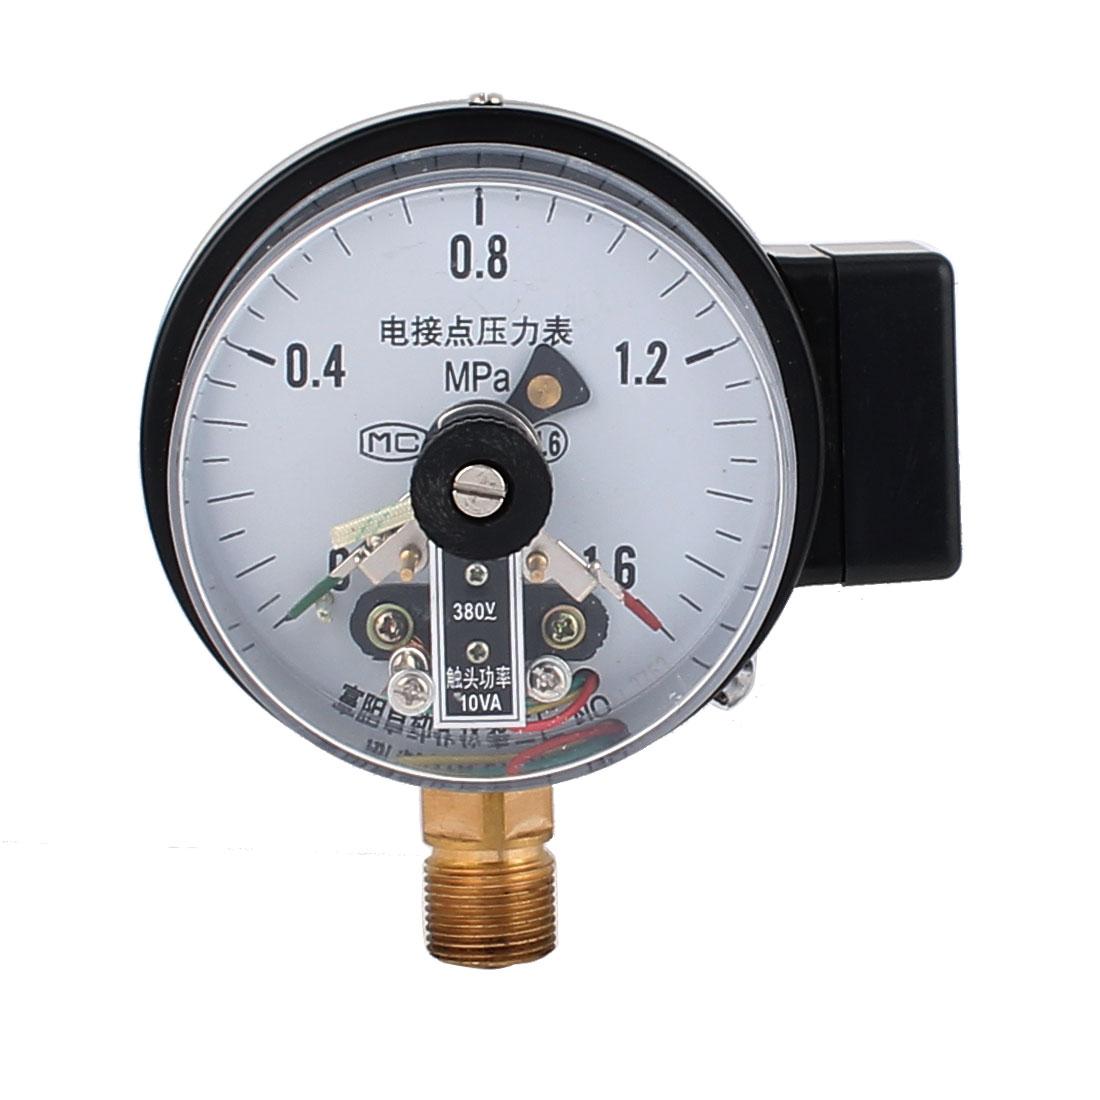 YX-100 380V 10VA 1/2BSP Thread Electric Contact Pressure Gauge 0-1.6 MPa